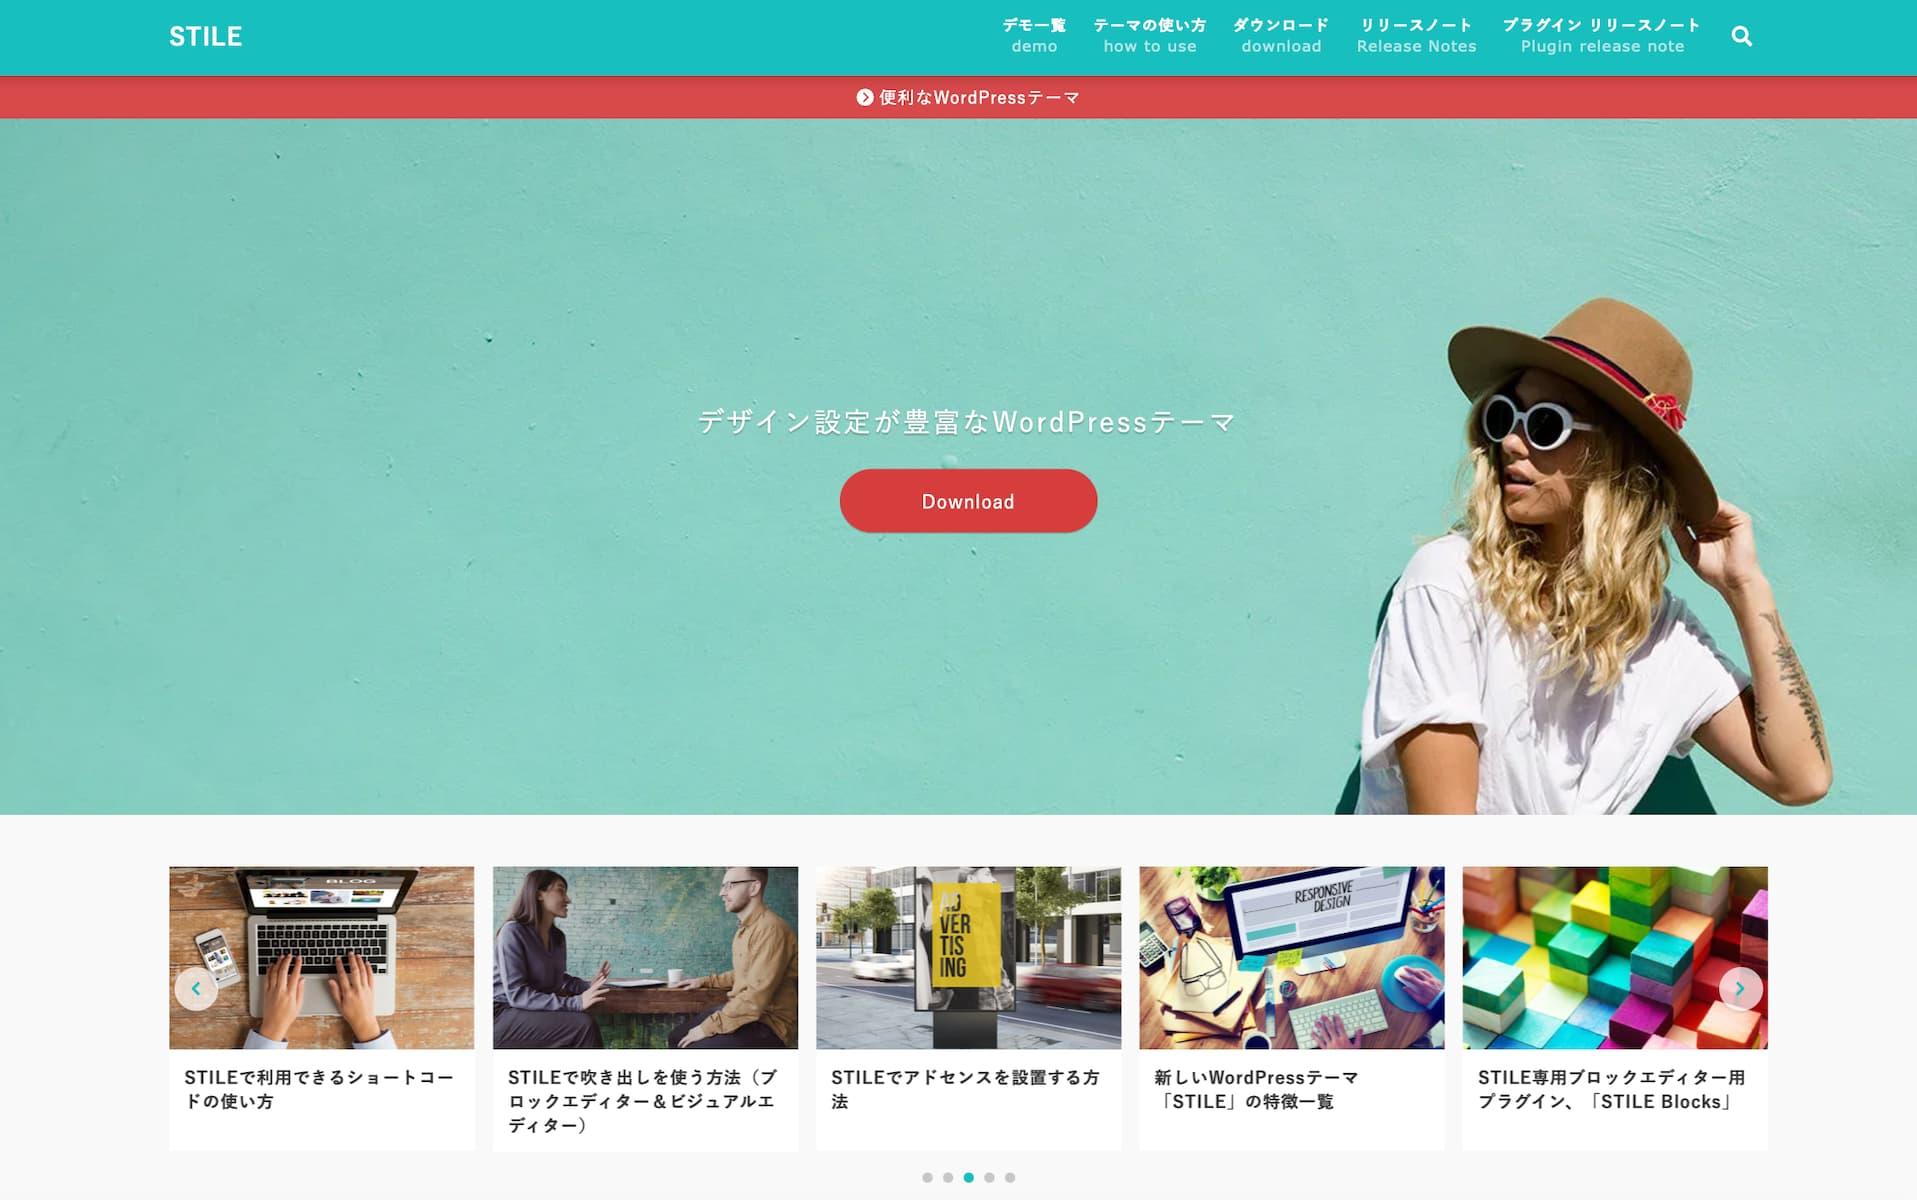 WordPressテーマStile(スティーレ)のデザインは女性向きの柔らかい印象